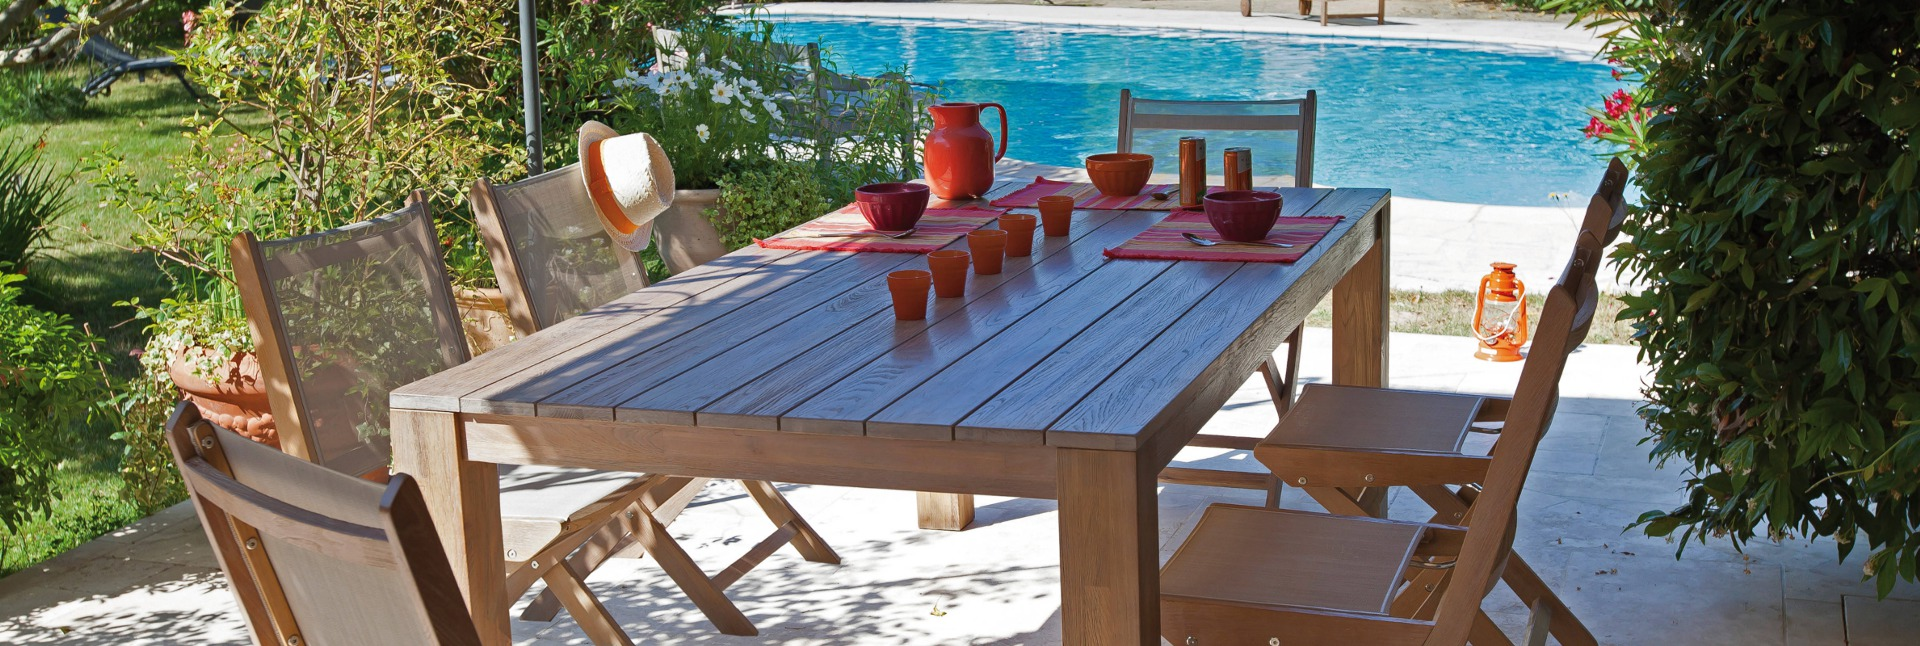 Table Kéa + chaises Théria